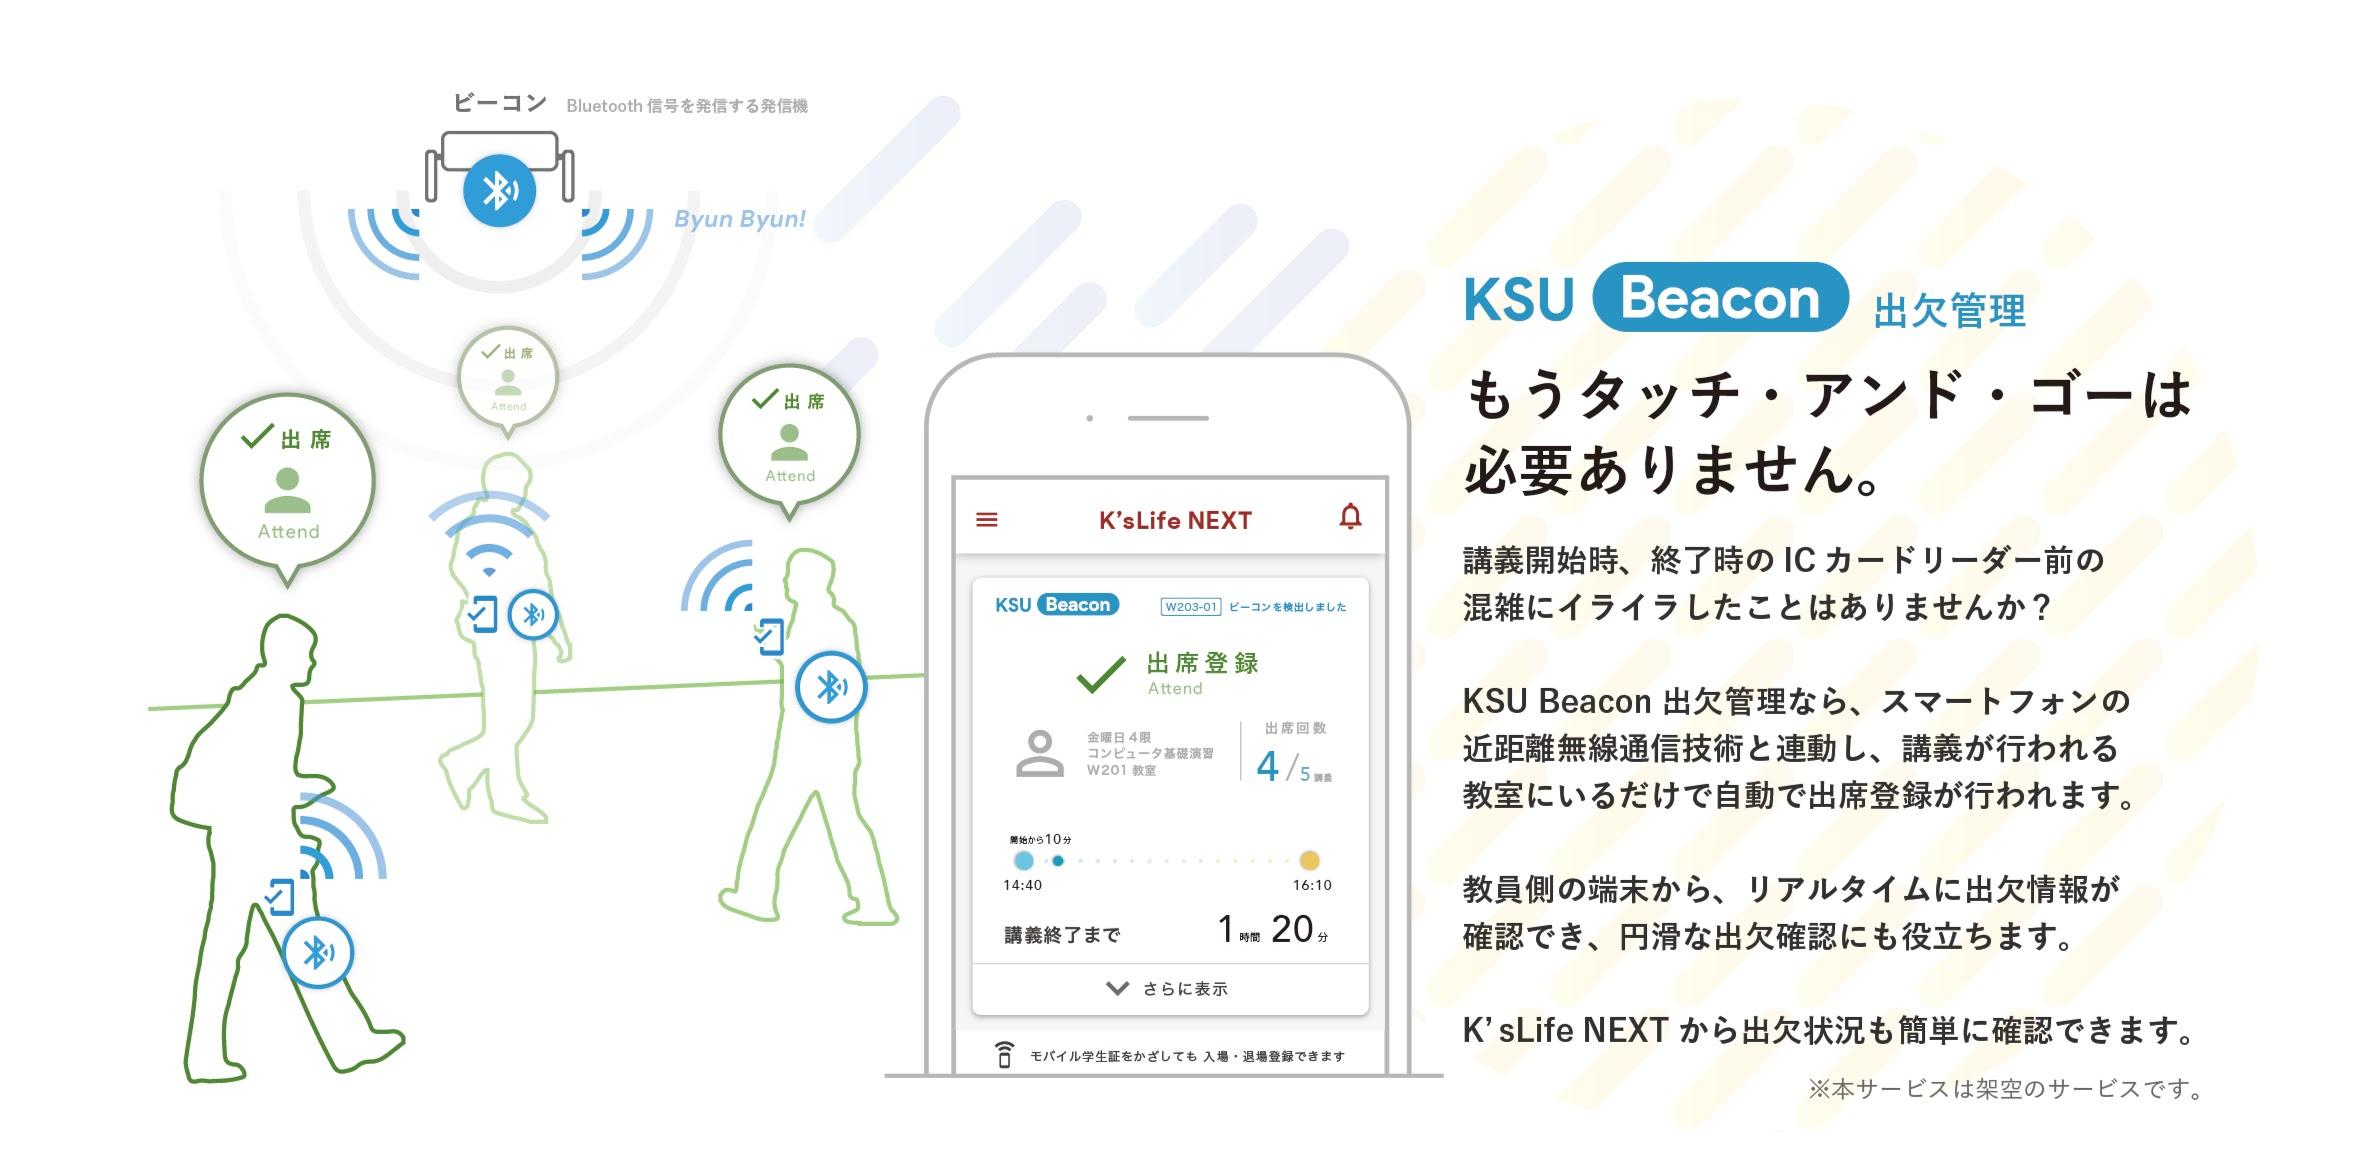 KSU_Beacon.jpg